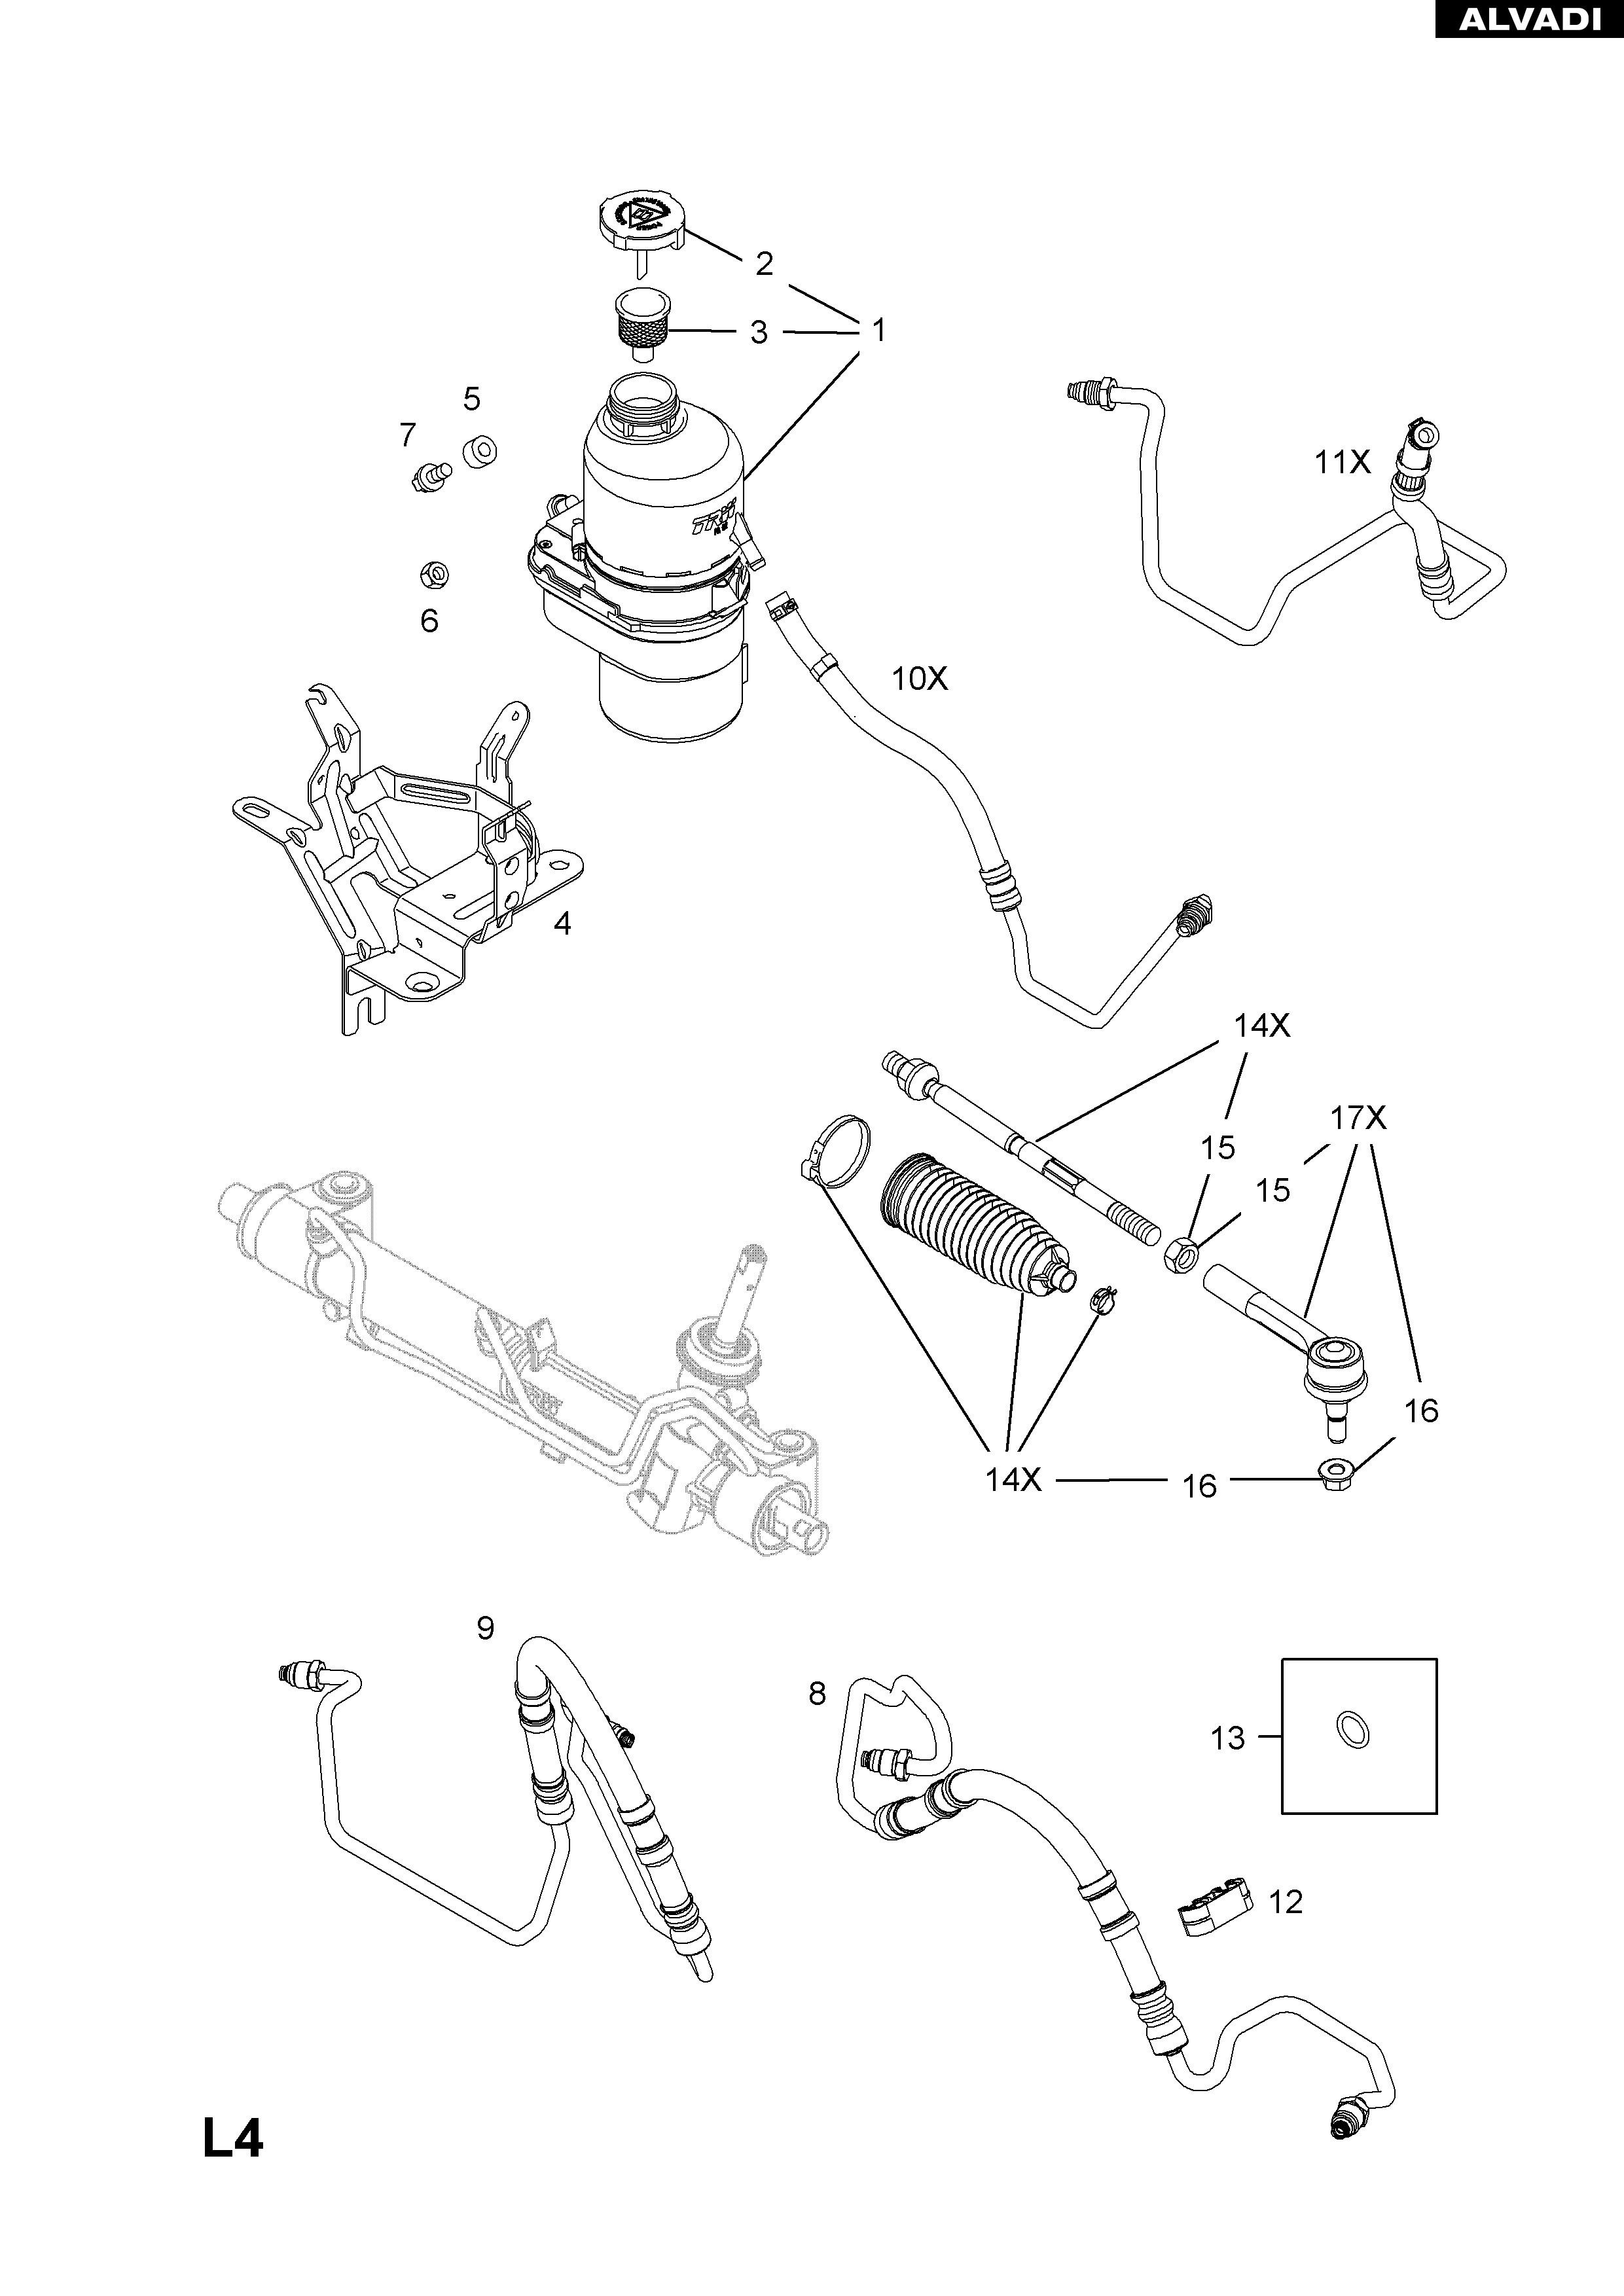 Diagram Of Power Steering System Opel Power Steering Pump Of Diagram Of Power Steering System Billet Specialties Power Steering Pump